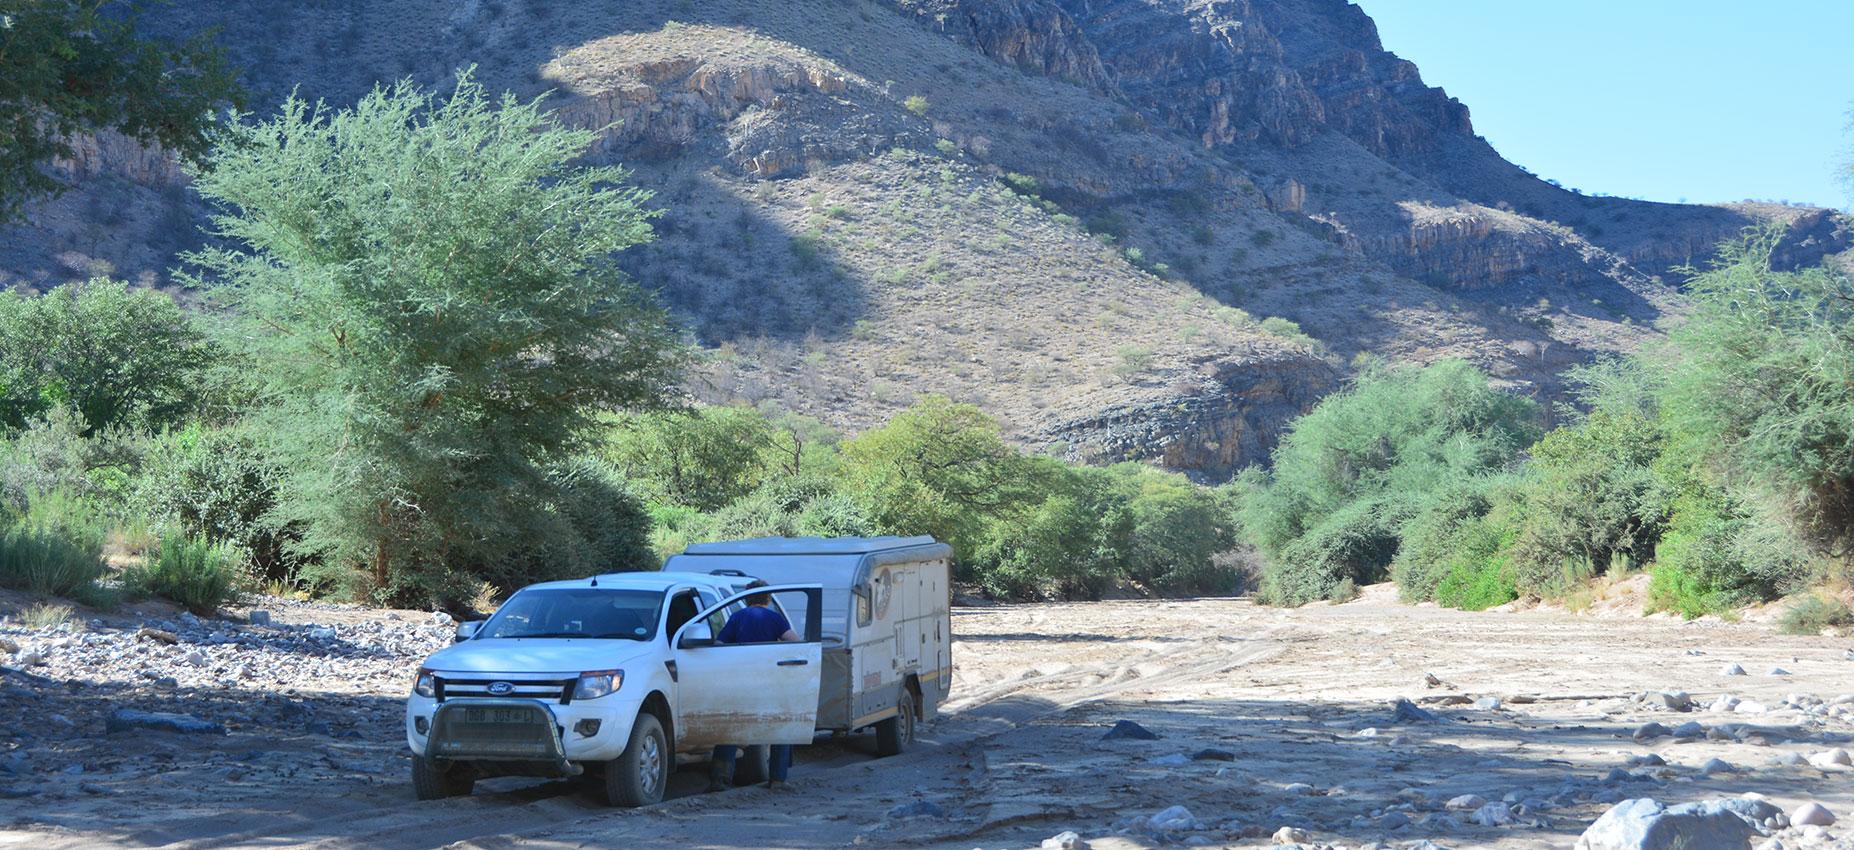 Offroad Caravan in Sand